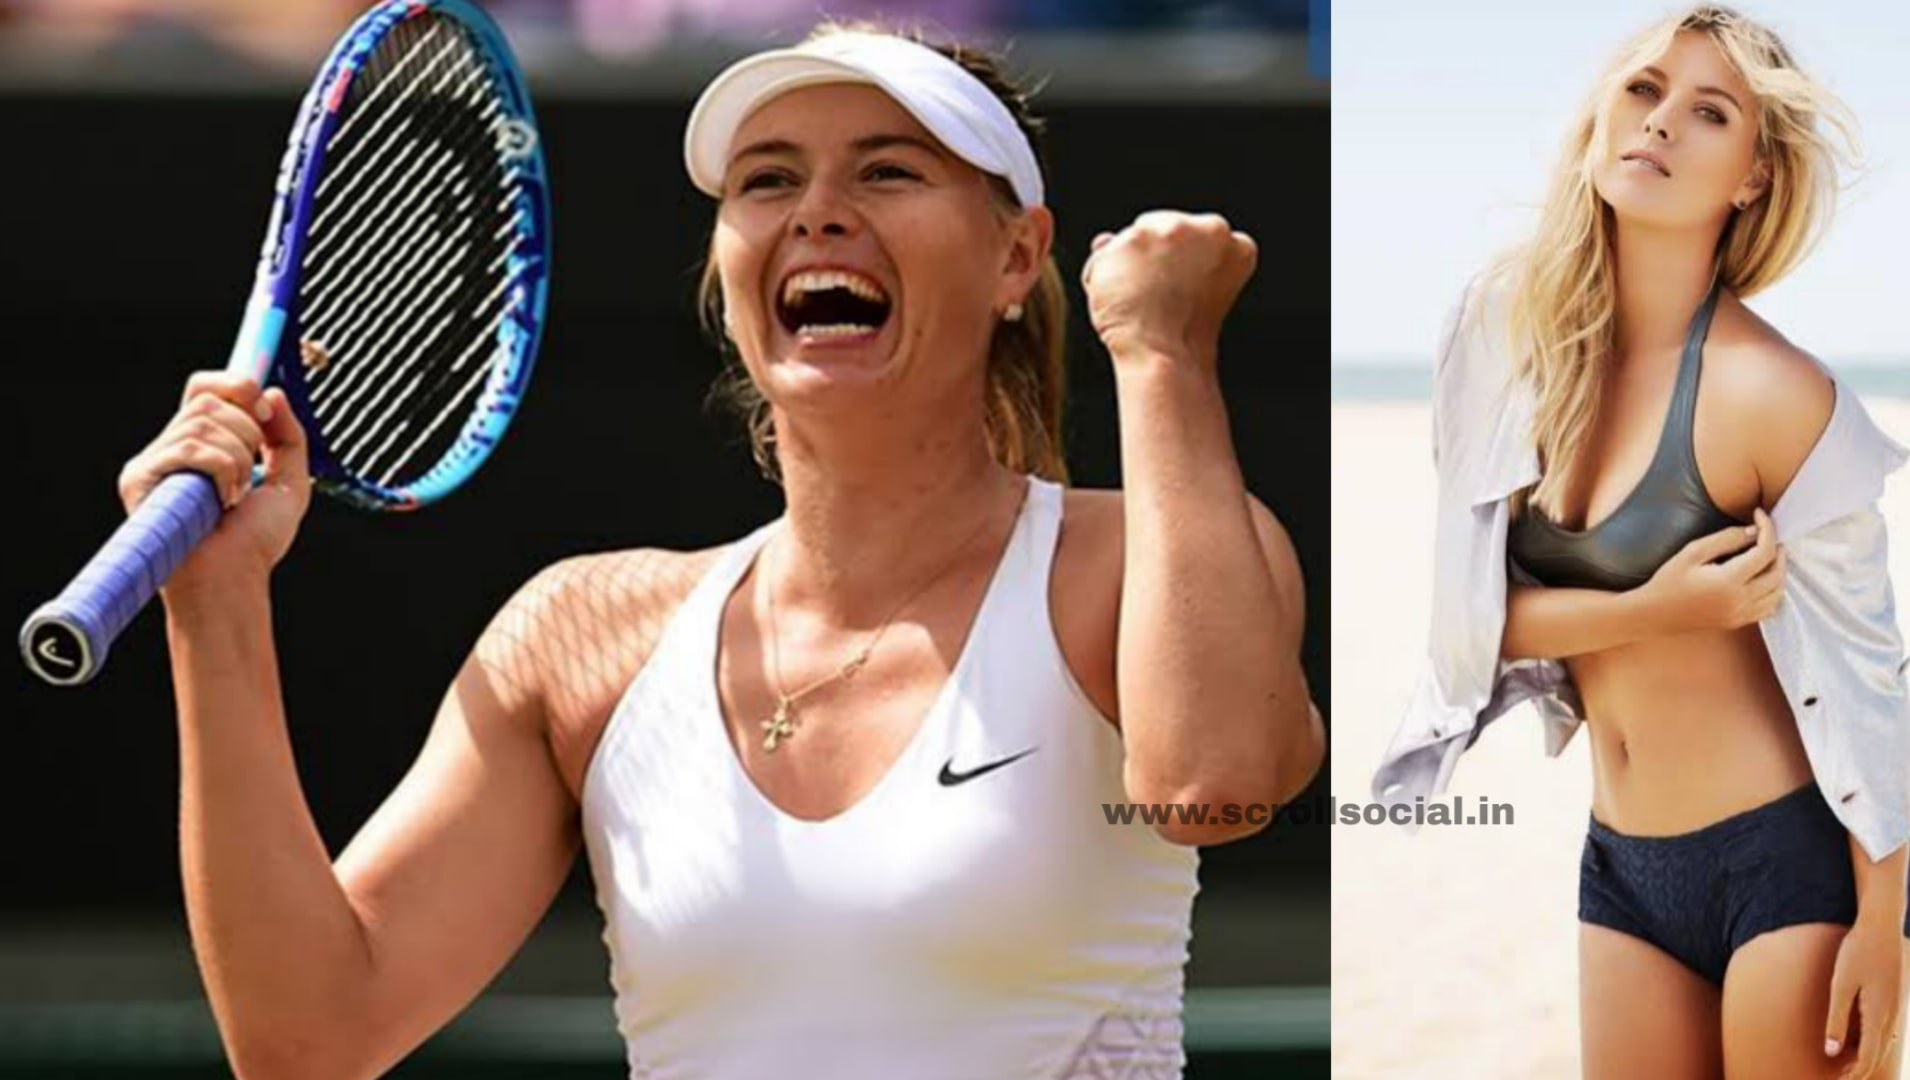 Boyfriend list sharapova maria Maria Sharapova's